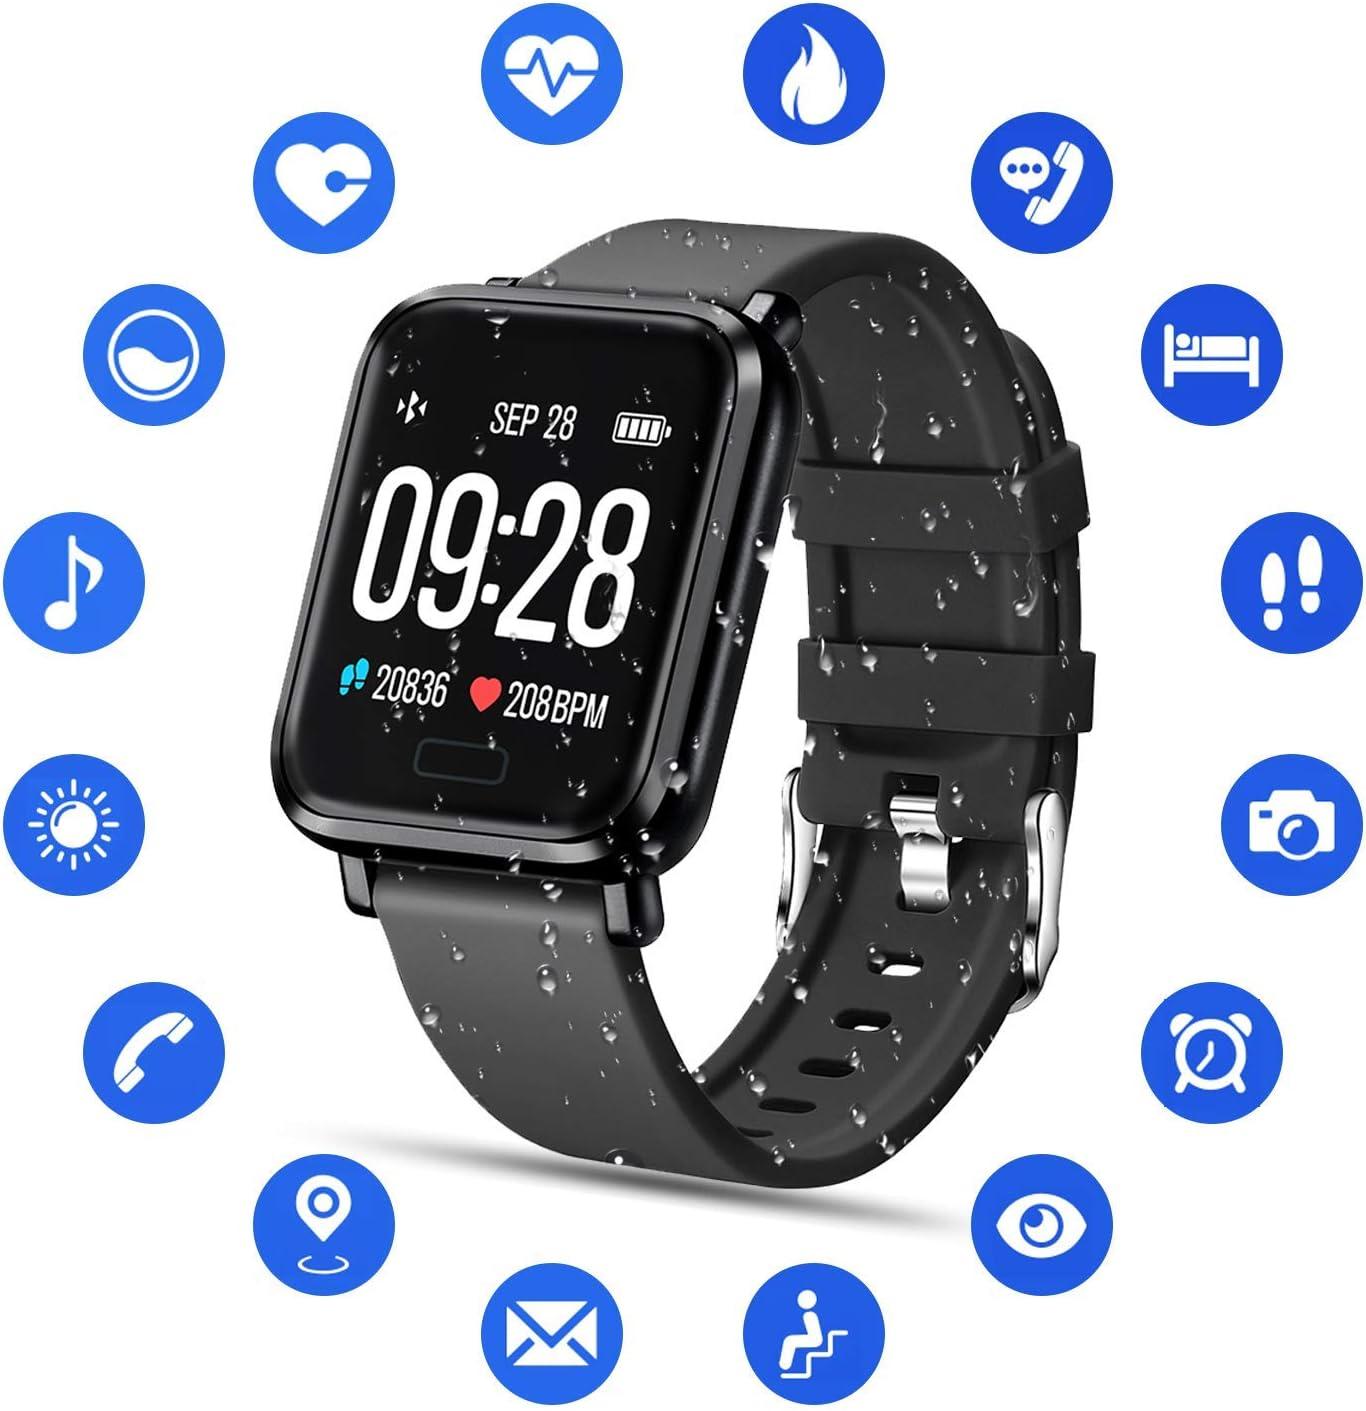 Tipmant Reloj Inteligente Mujer Hombre Smartwatch Pulsera de Actividad Inteligente Impermeable IP68 Pulsómetros Podómetro Monitor de Sueño Calorías para iPhone Android Xiaomi Samsung Huawei (Negro)